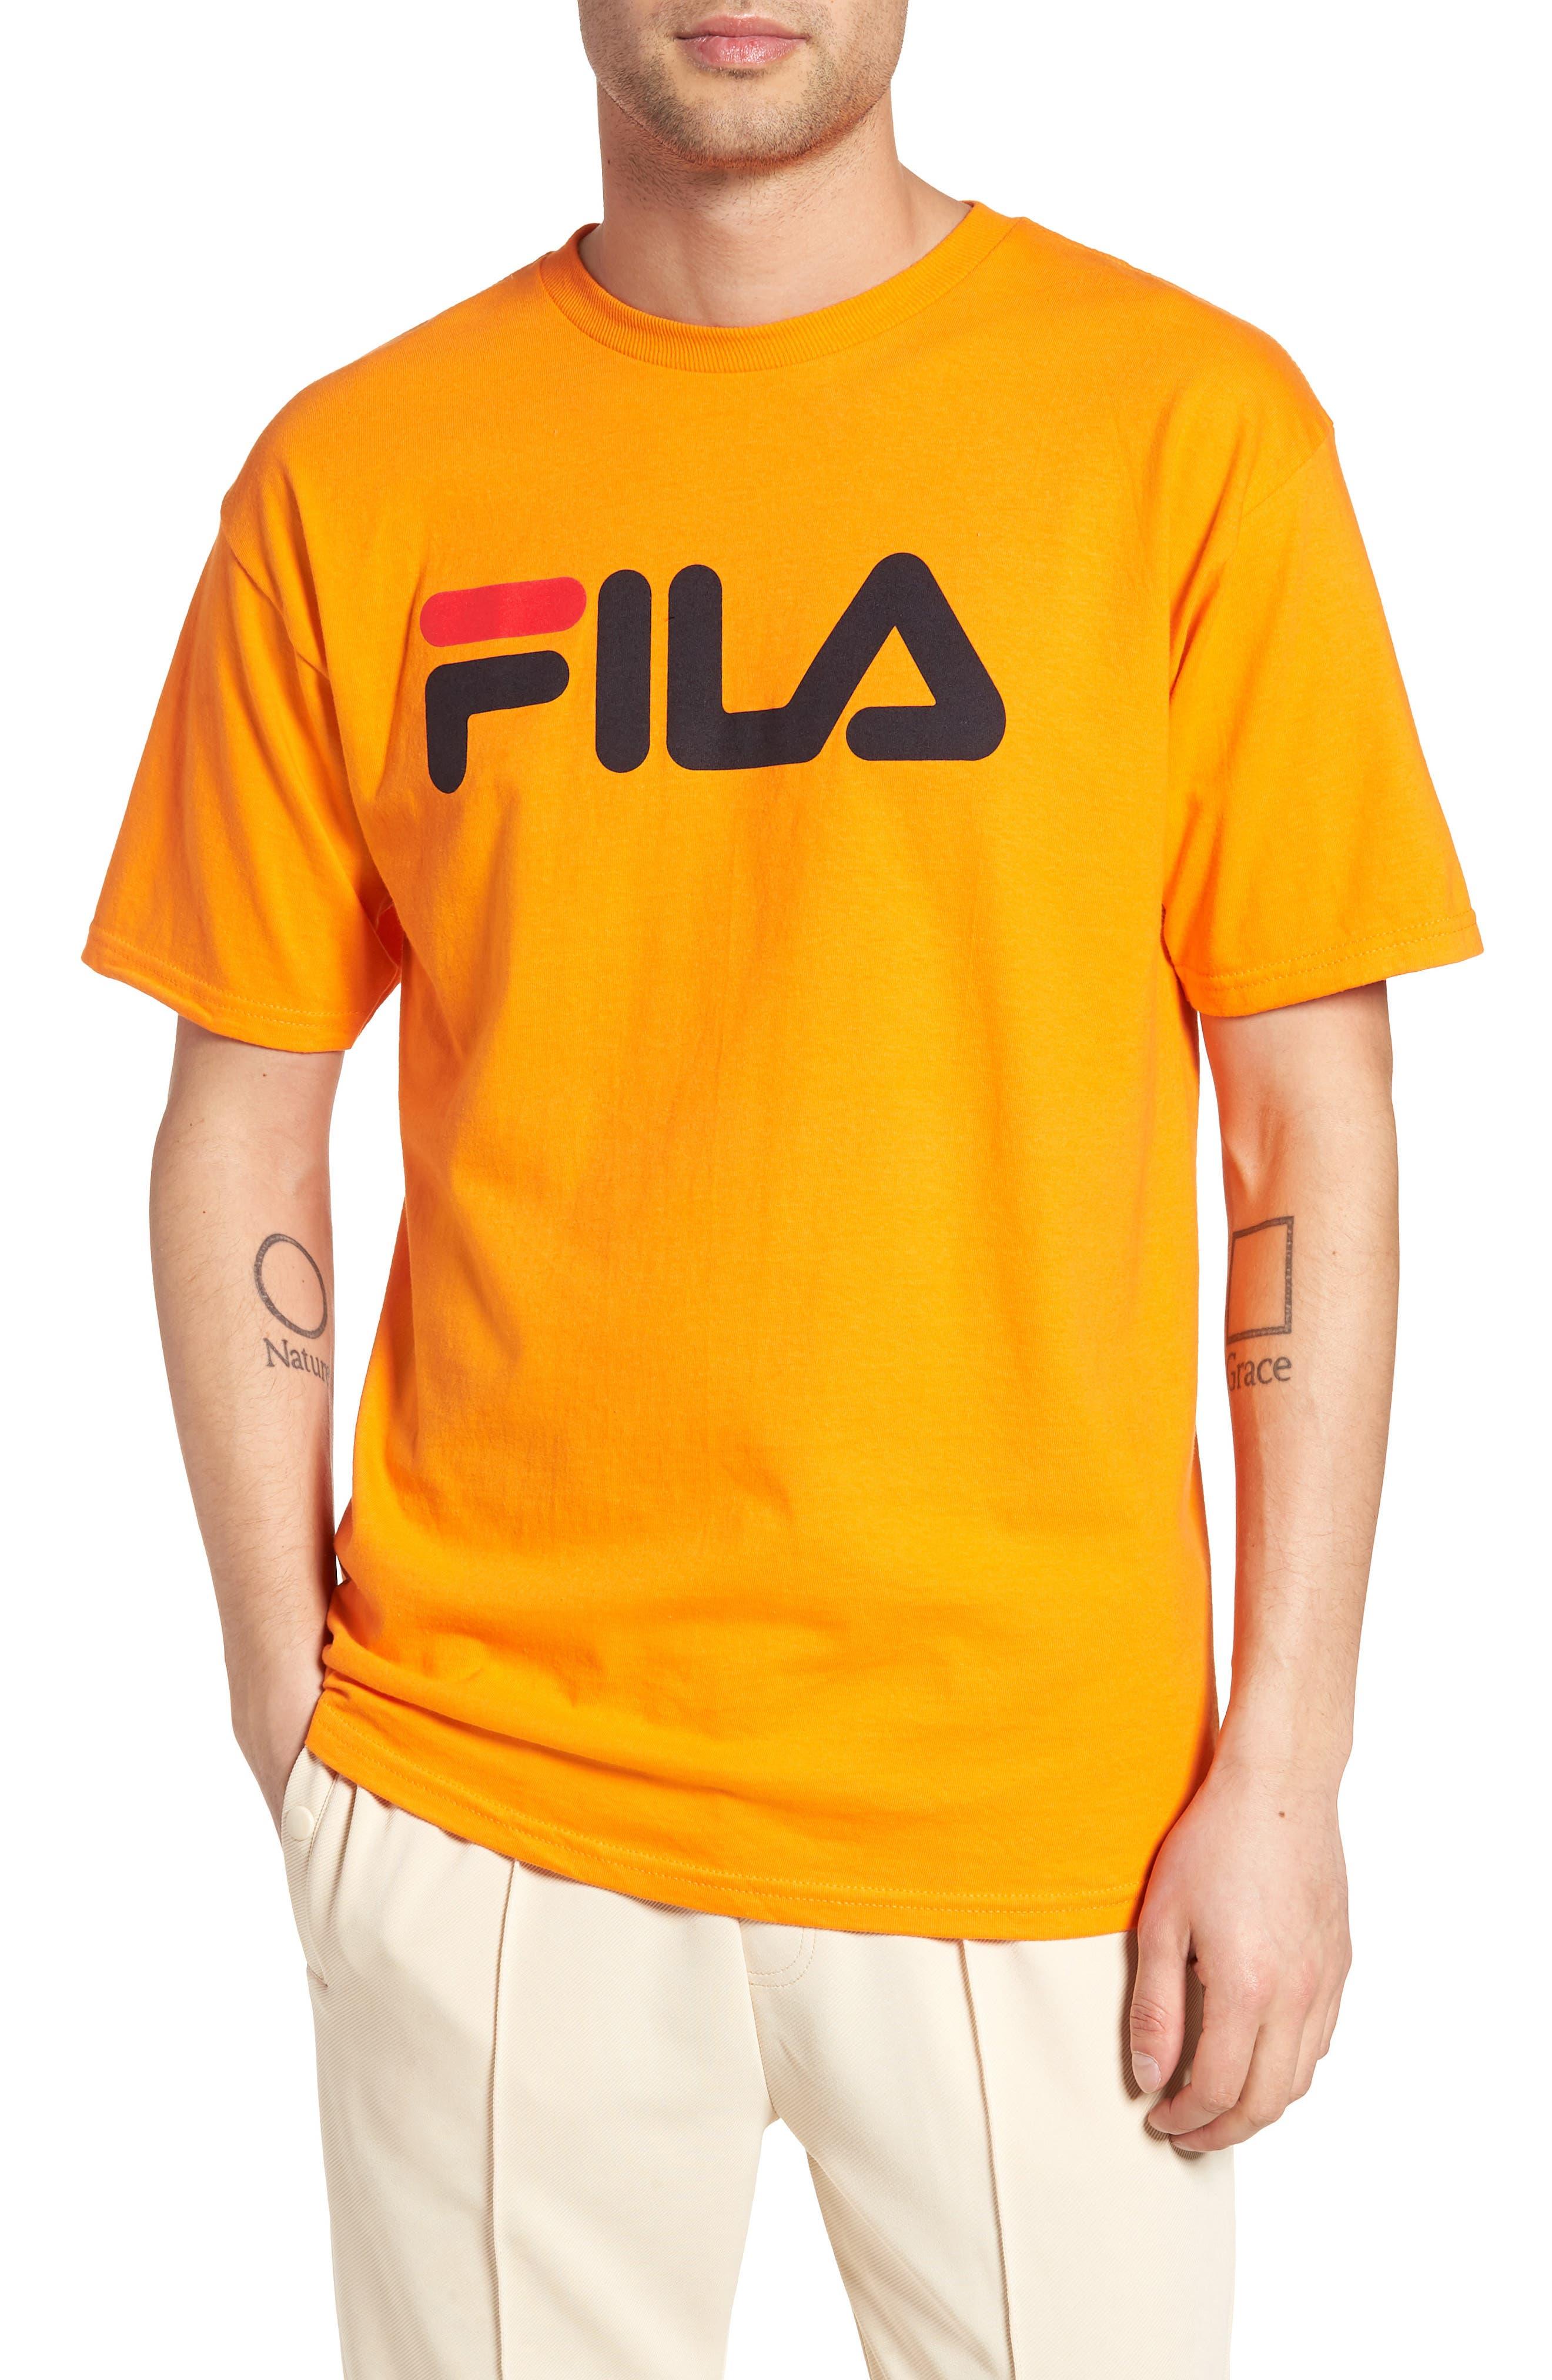 USA Graphic T-Shirt,                             Main thumbnail 1, color,